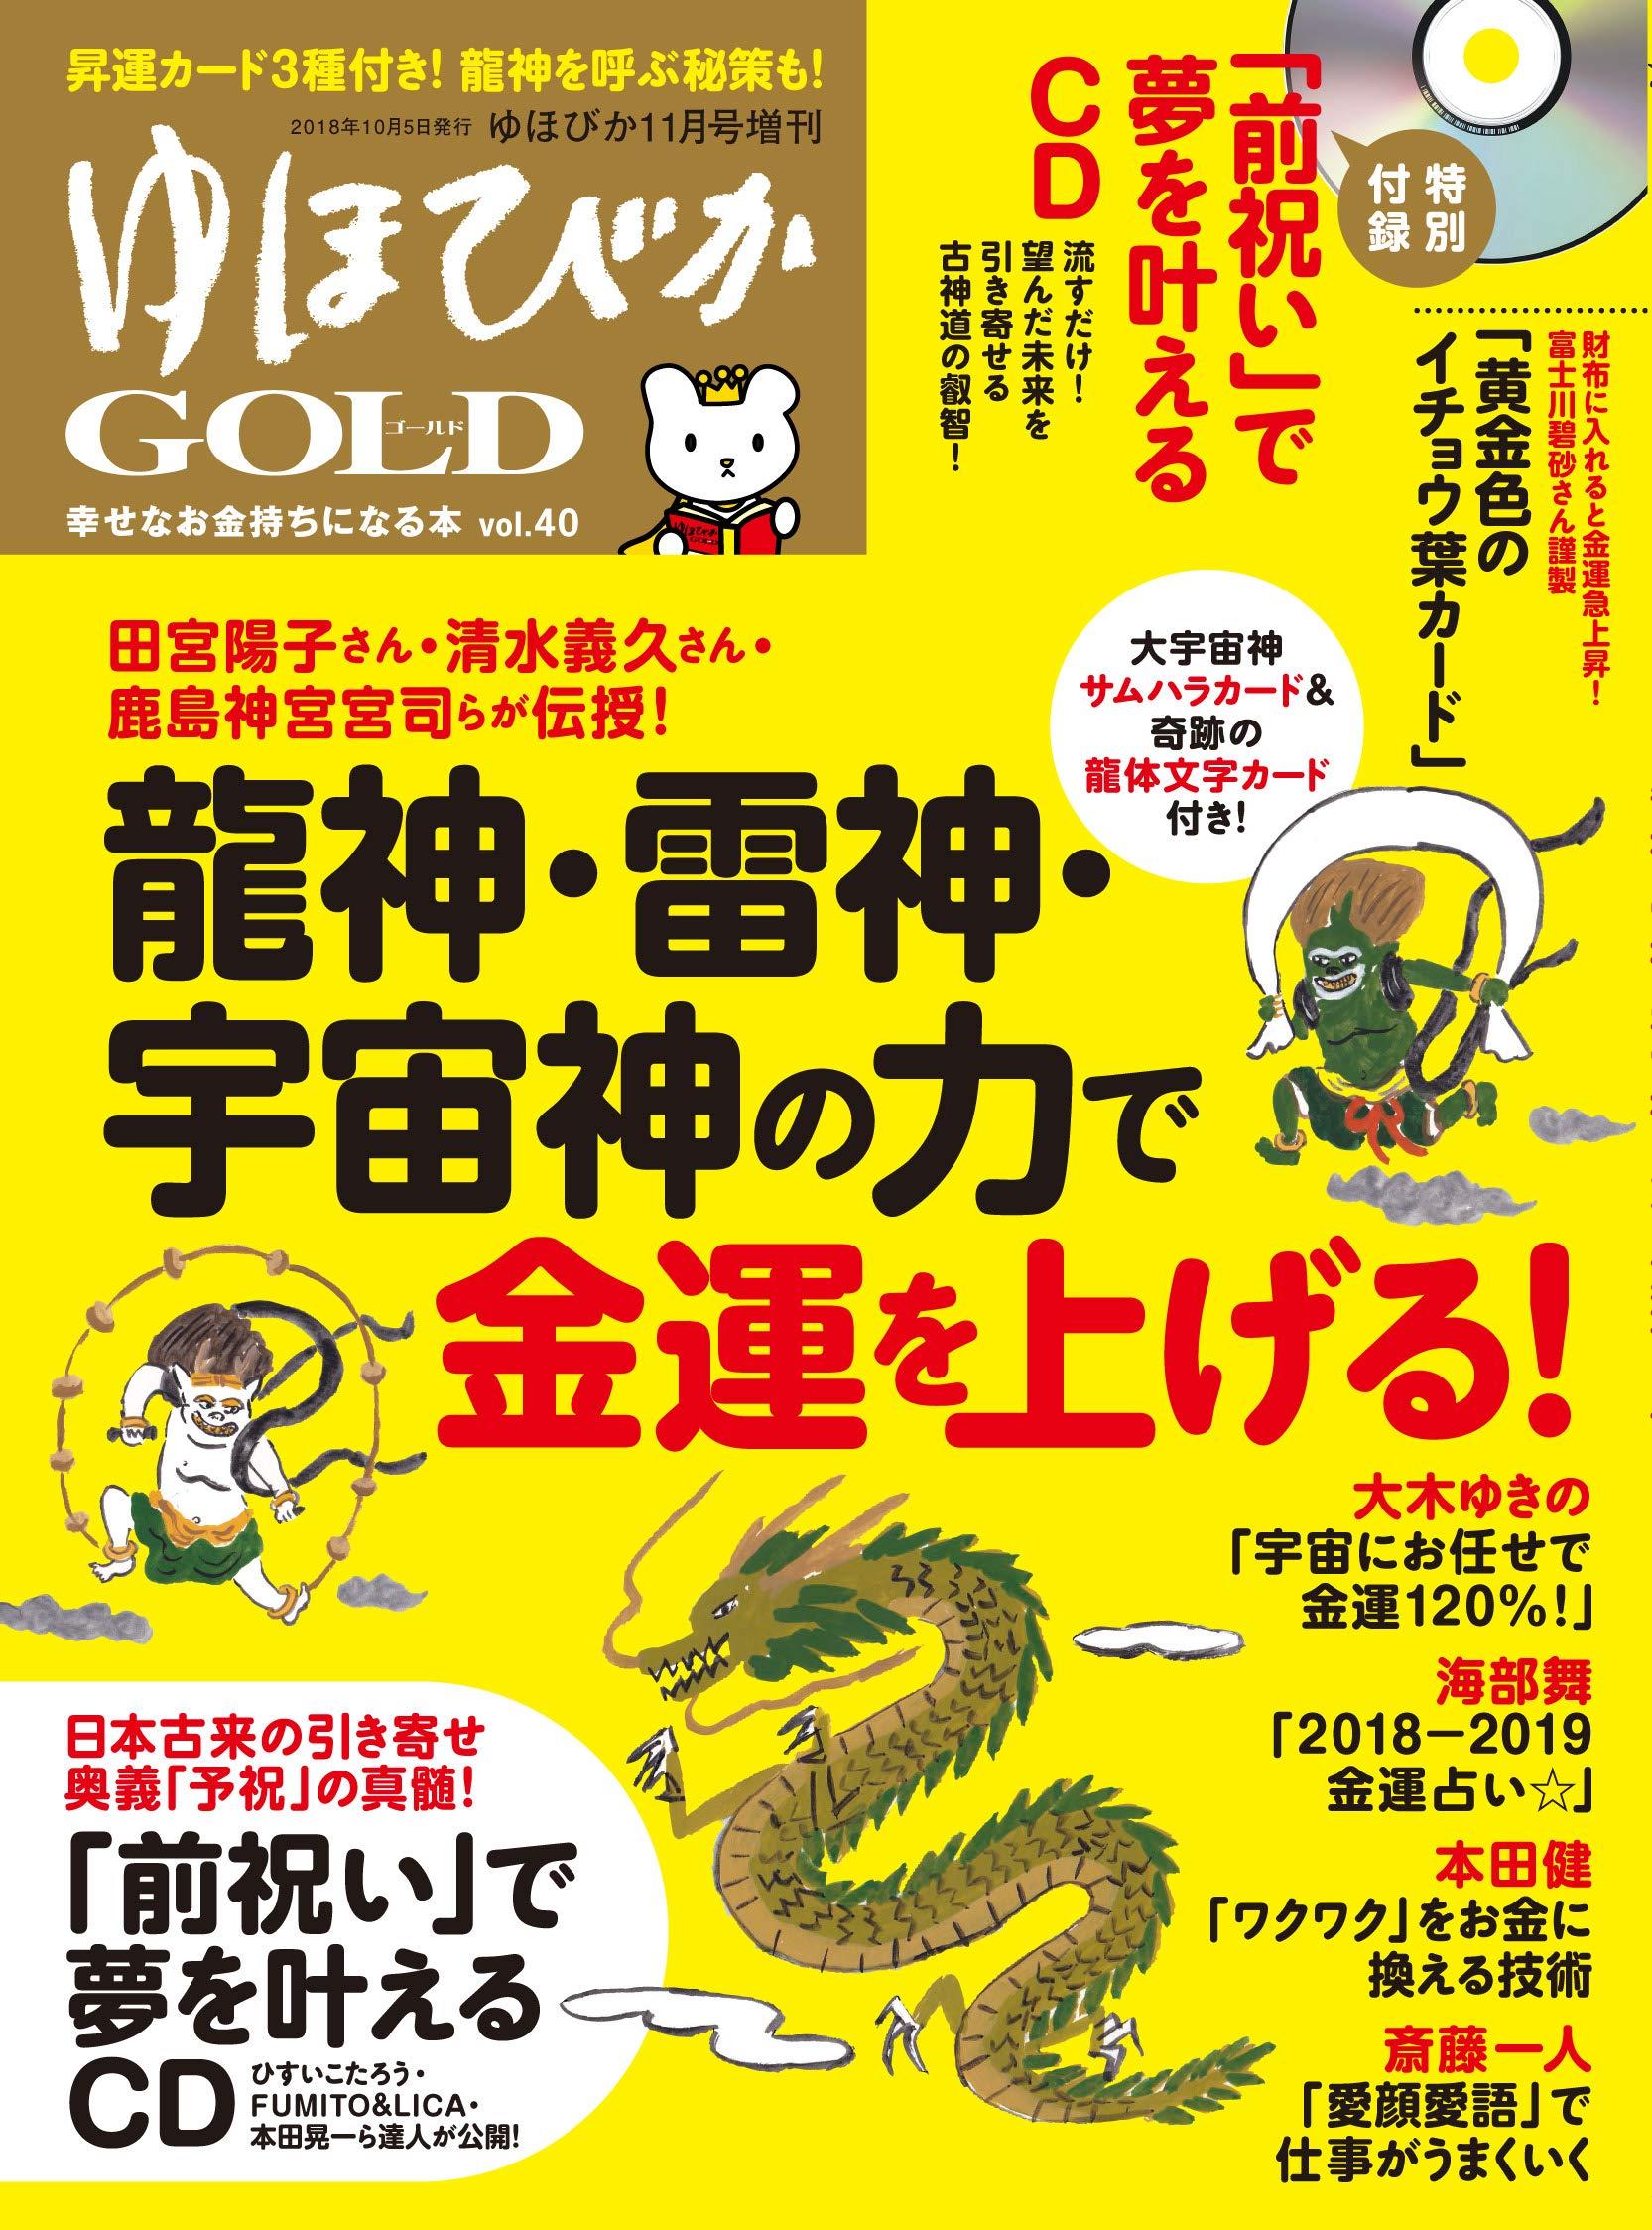 ゆほびかGOLD vol.40 幸せなお金持ちになる本